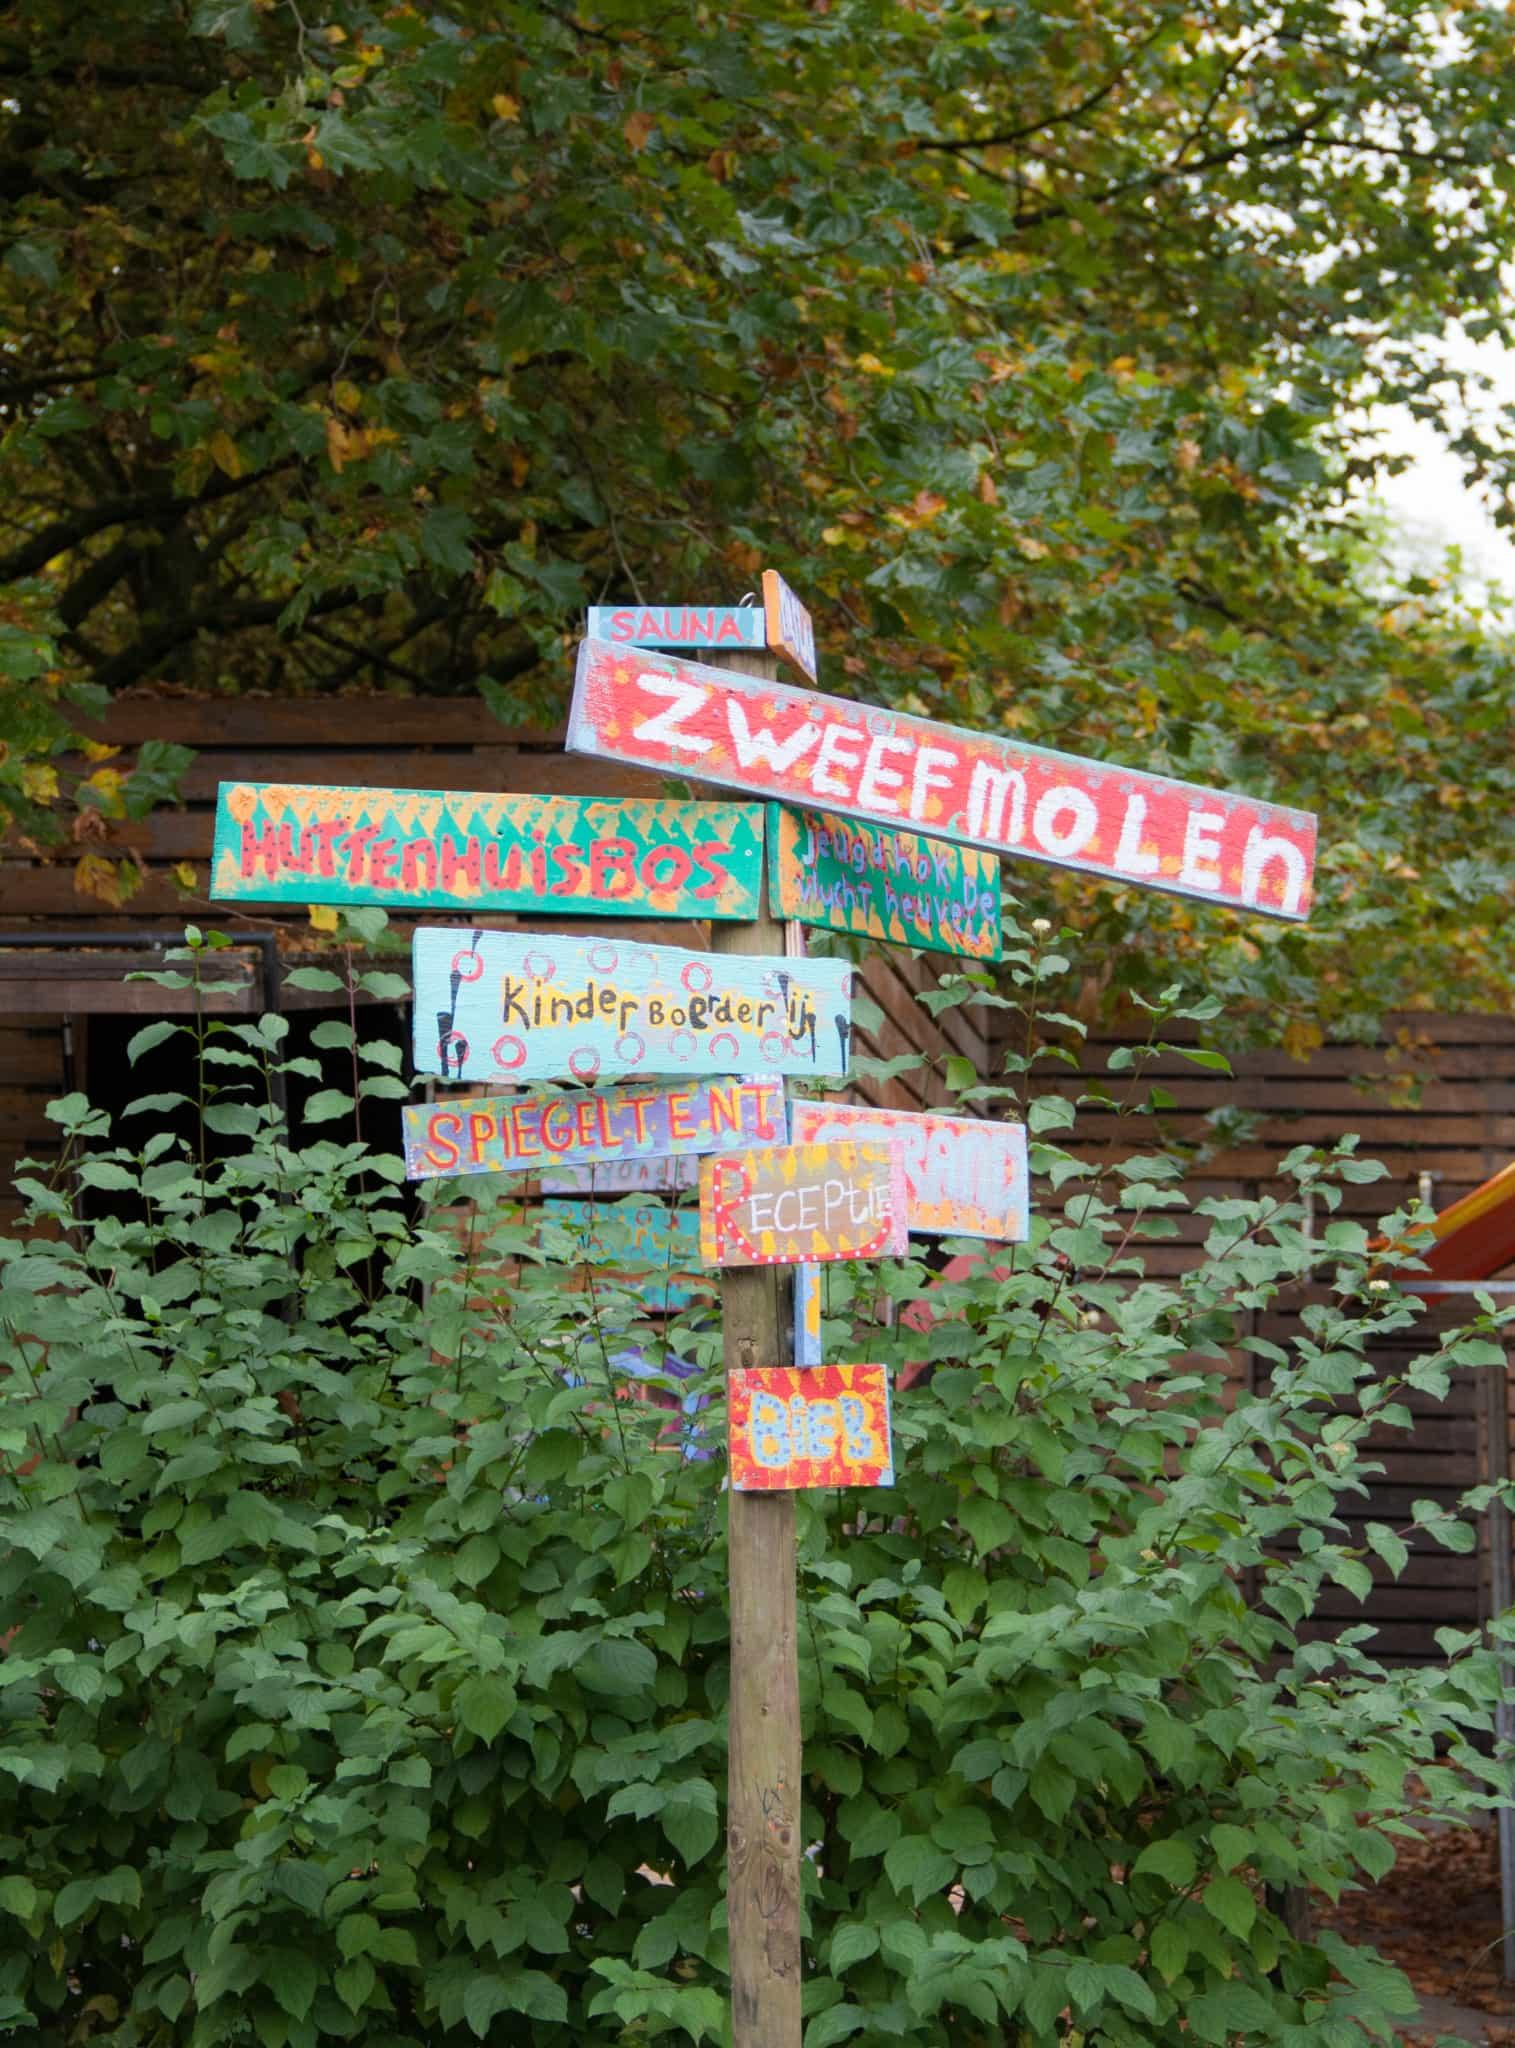 IMG 1654 - Familie tip: Camping de Lievelinge